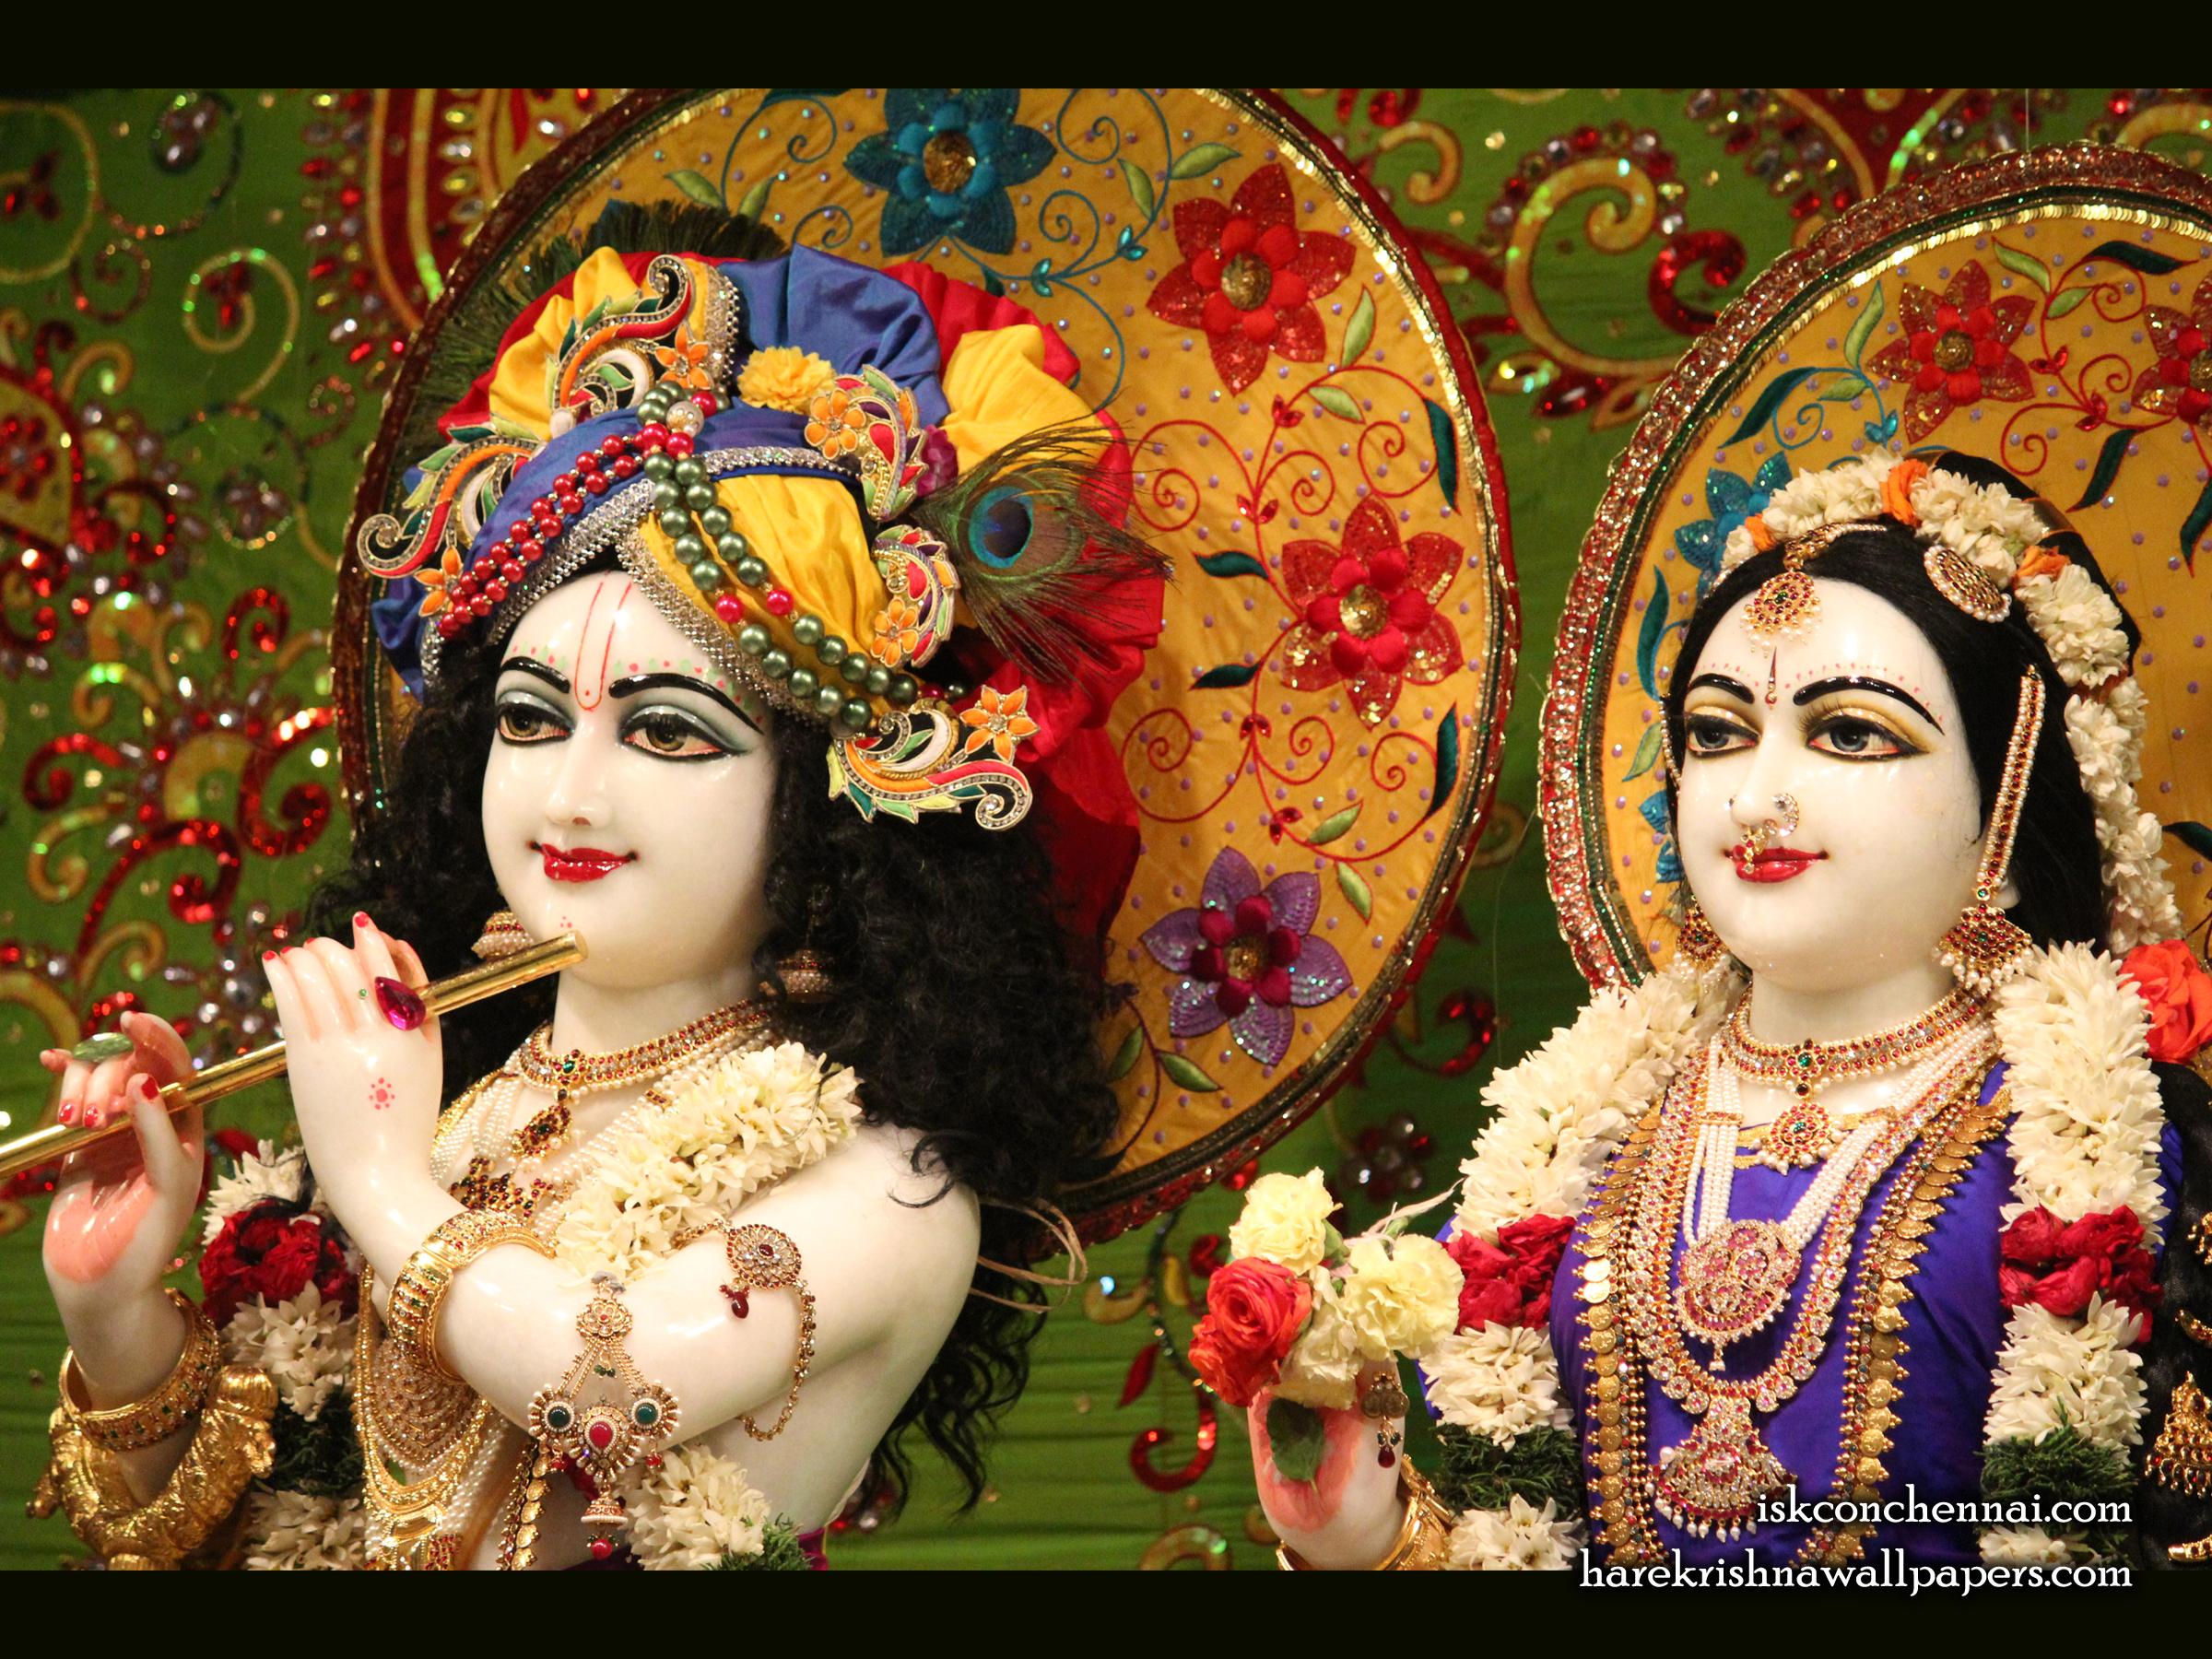 Sri Sri Radha Krishna Close up Wallpaper (011) Size 2400x1800 Download